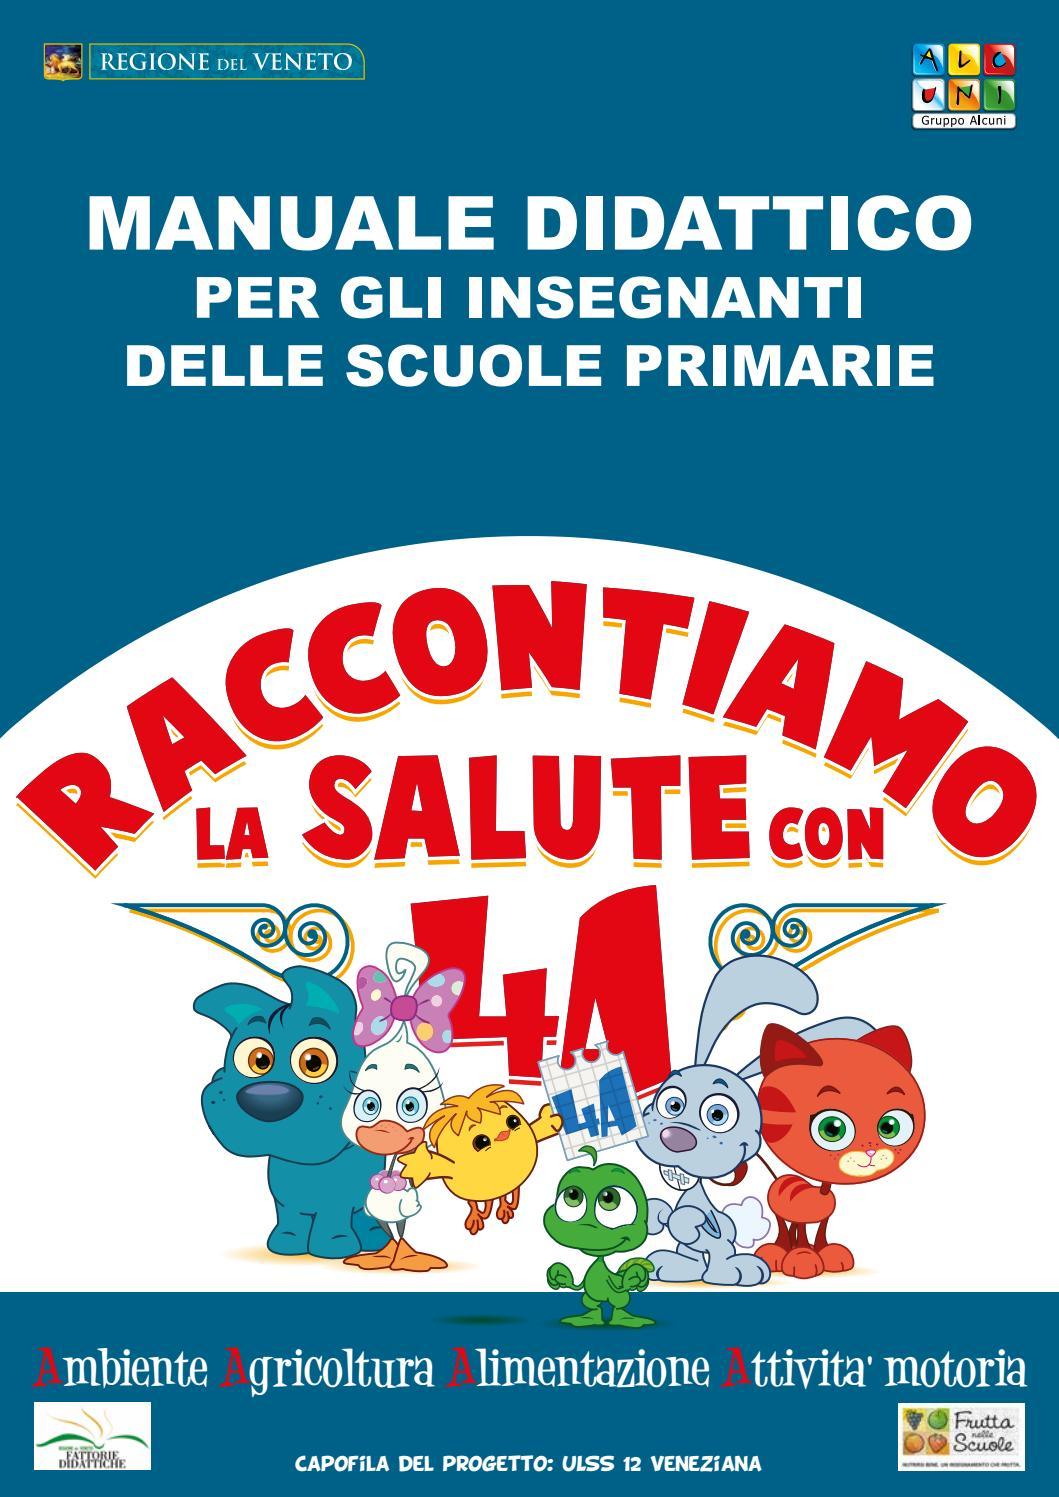 Manuale Didattico Raccontiamo La Salute Con 4a By Gruppo Alcuni Issuu